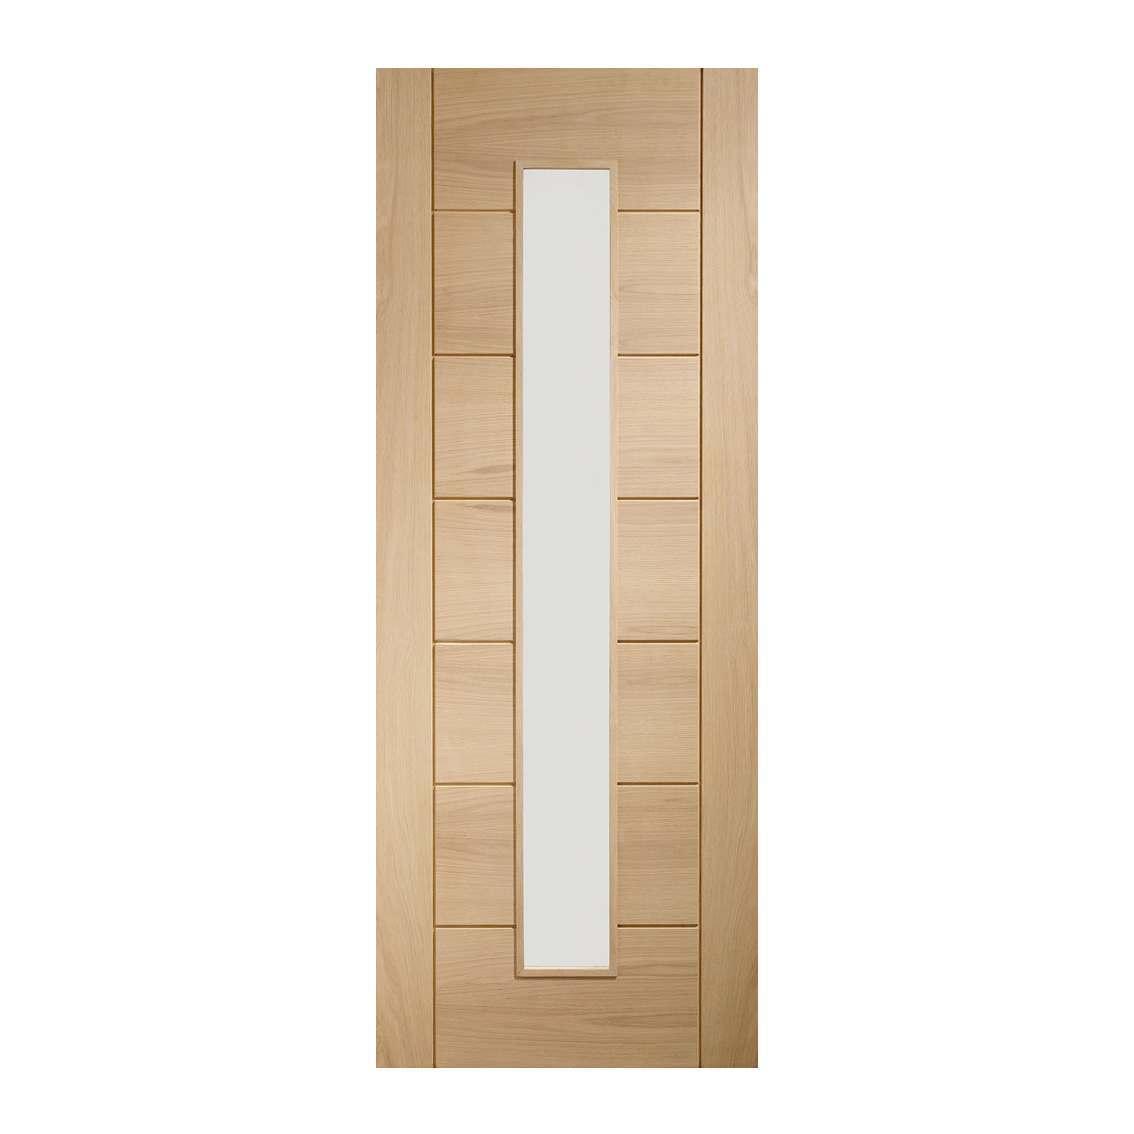 XL Joinery Palermo 1981mm x 762mm Clear Glazed Internal Oak Door Pre-finished